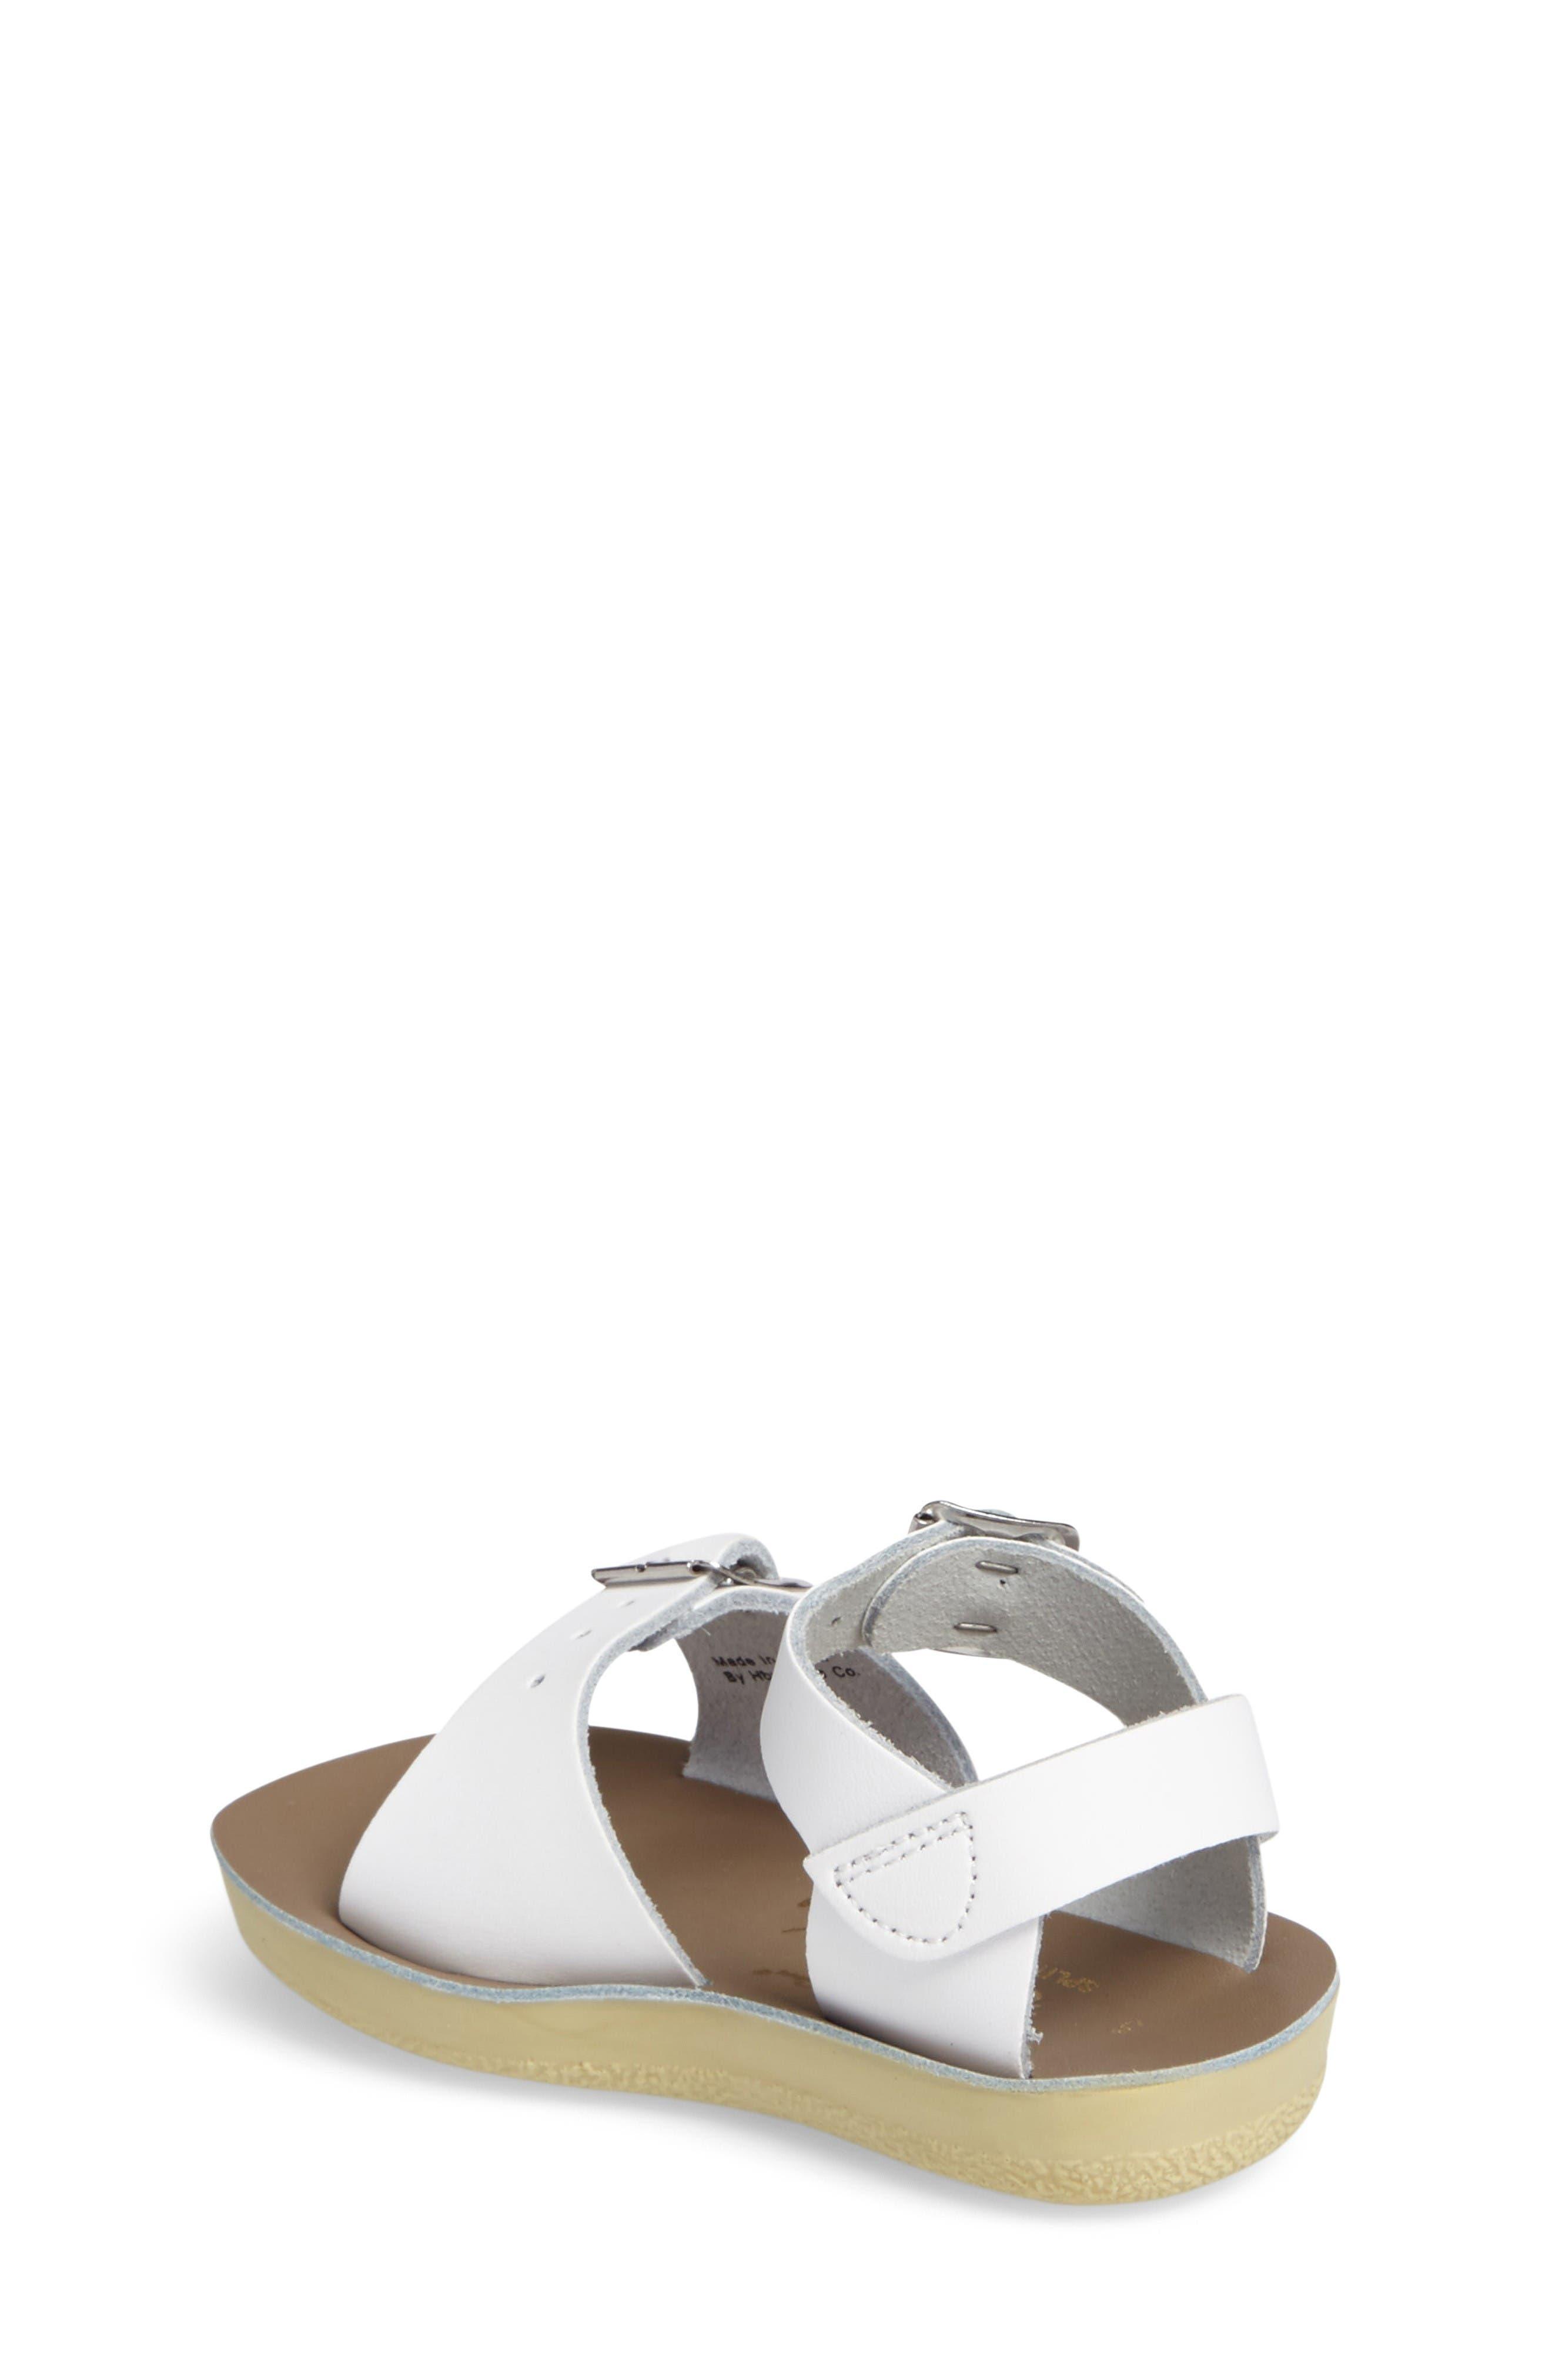 Alternate Image 2  - Salt Water Sandals by Hoy 'Surfer' Sandal (Baby, Walker, Toddler & Little Kid)